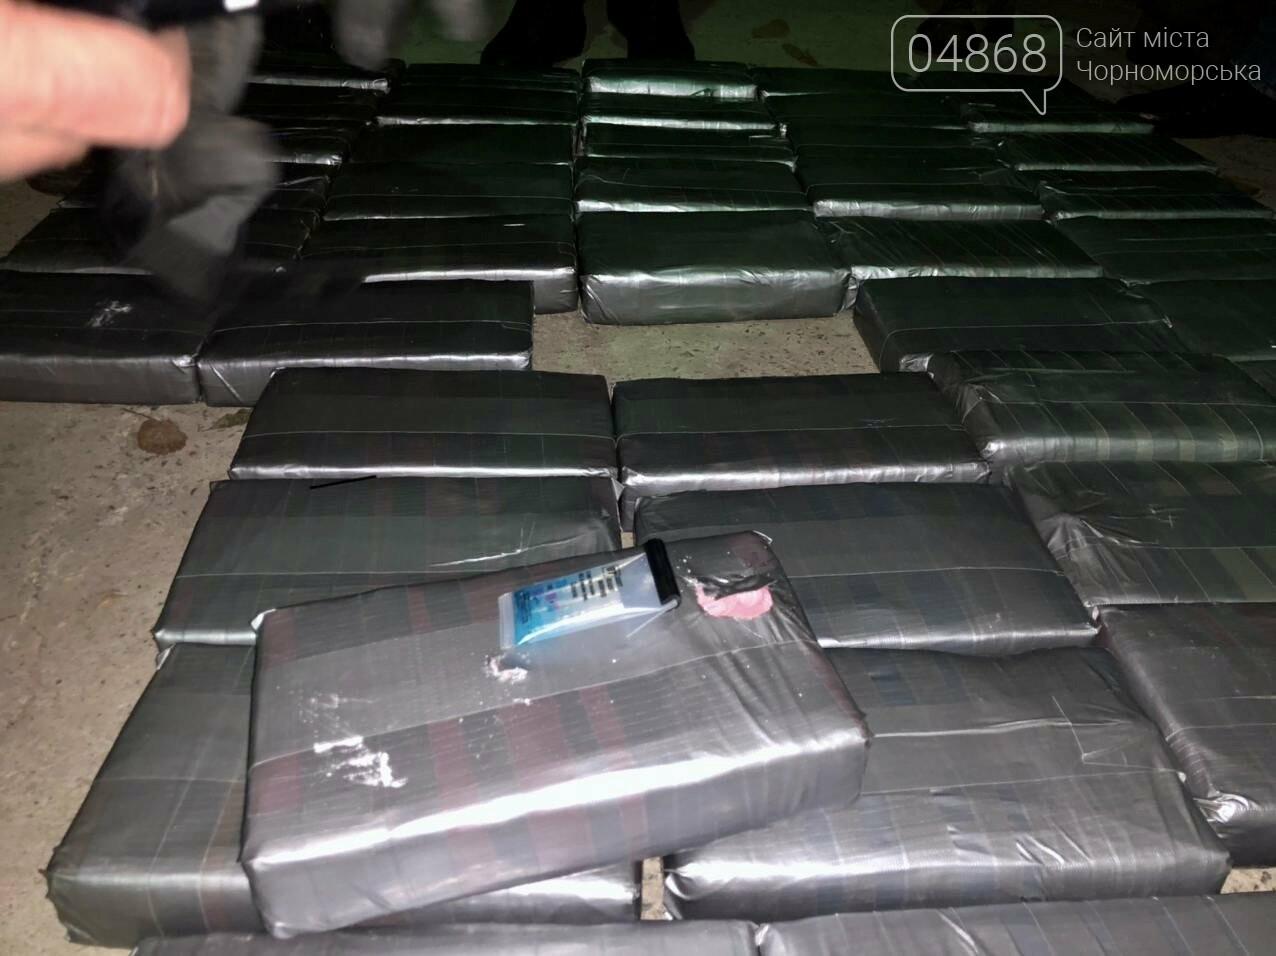 В порту в Одесской области предотвратили поставку кокаина на $12 млн долларов, фото-5